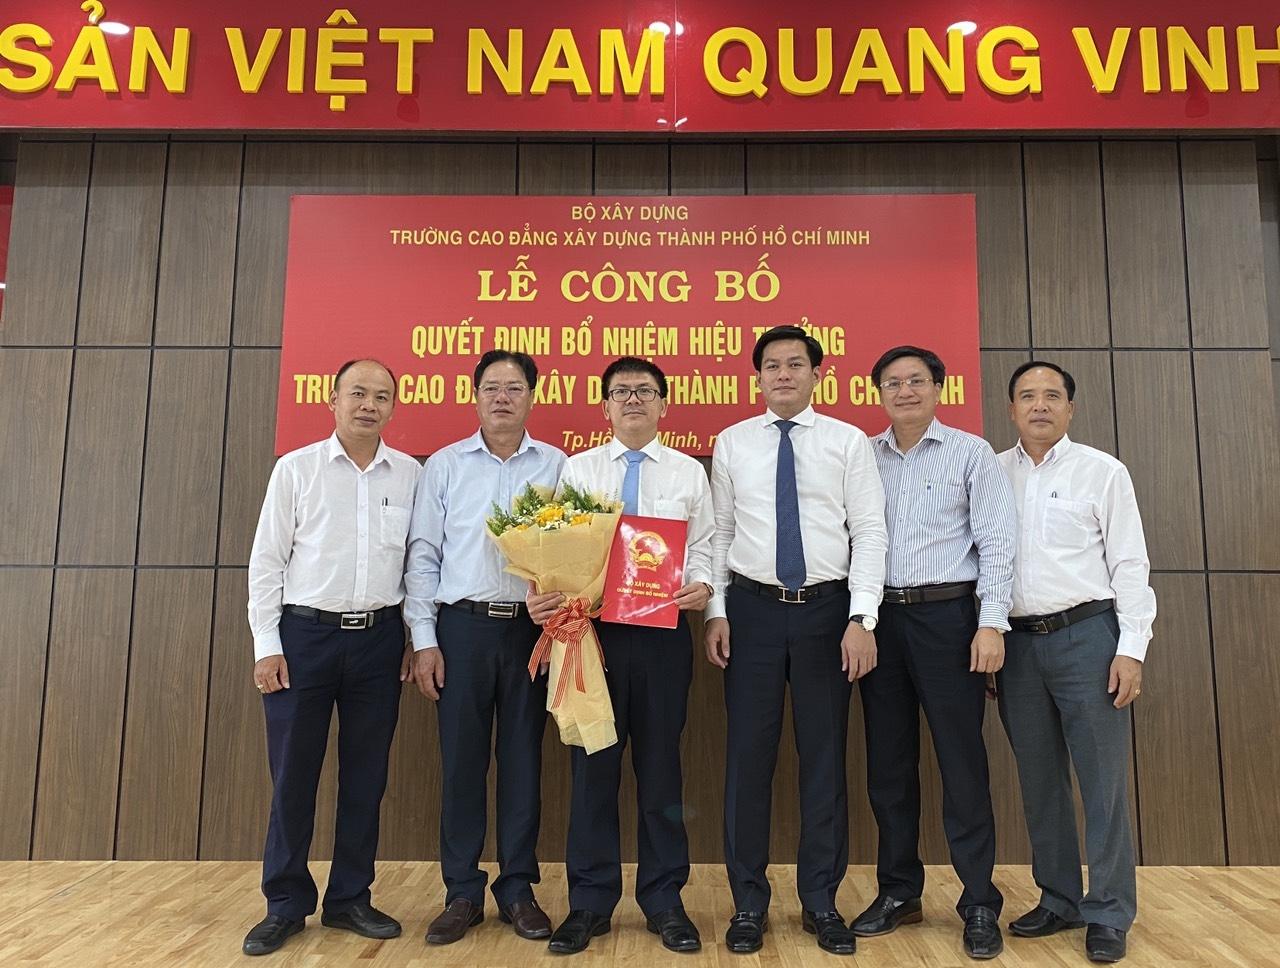 Công bố Quyết định bổ nhiệm Hiệu trưởng Trường Cao đẳng Xây dựng Thành phố Hồ Chí Minh